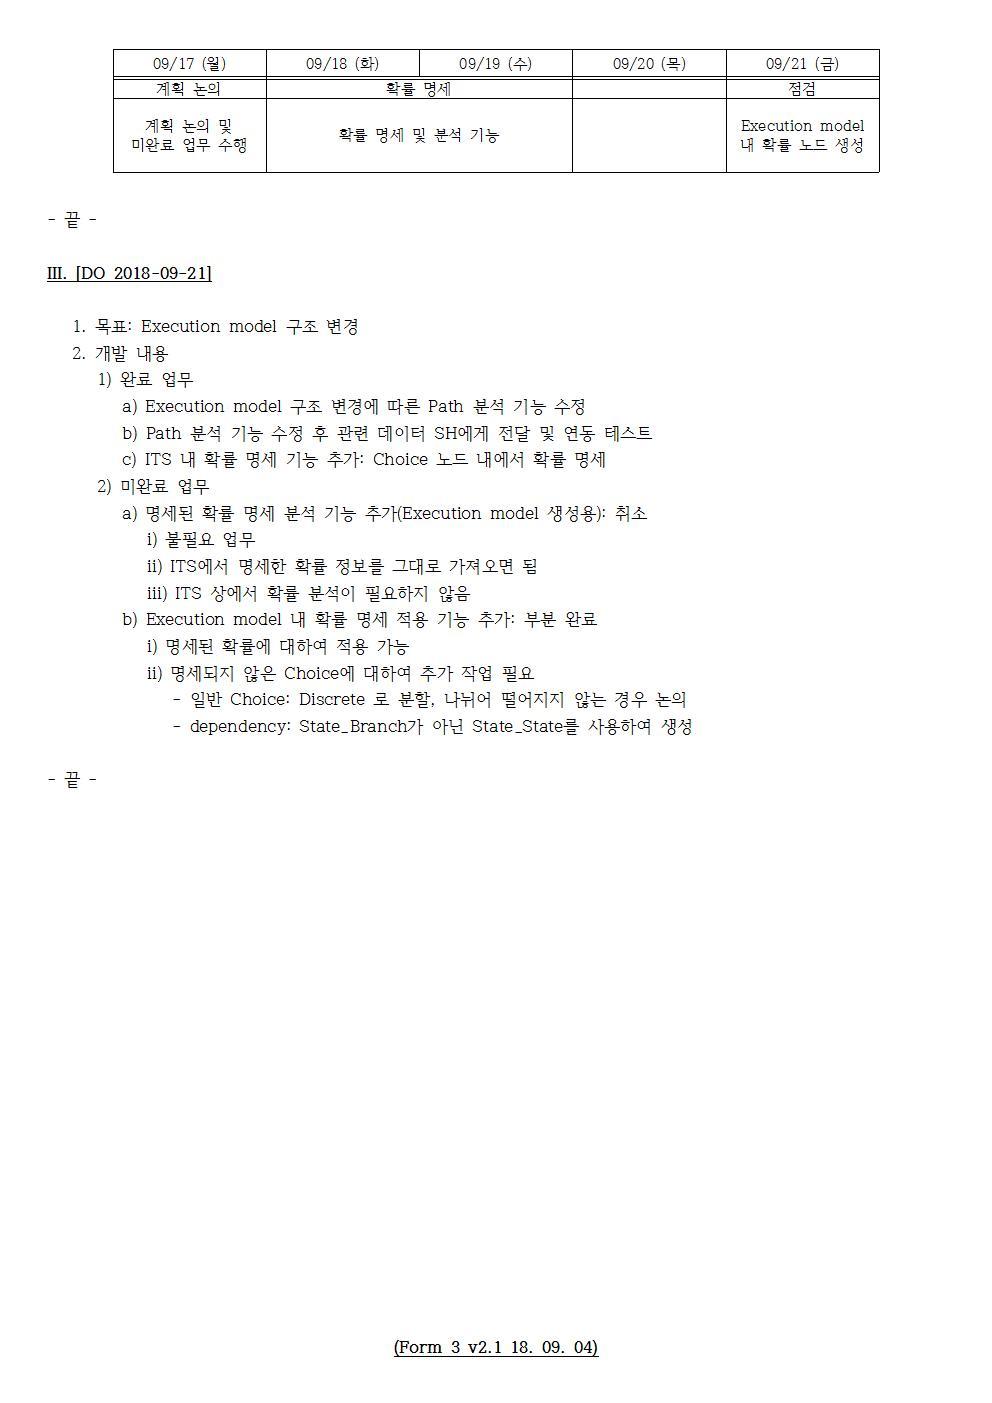 D-[18-001-RD-01]-[SAVE 3.0]-[2018-09-21][YB]002.jpg